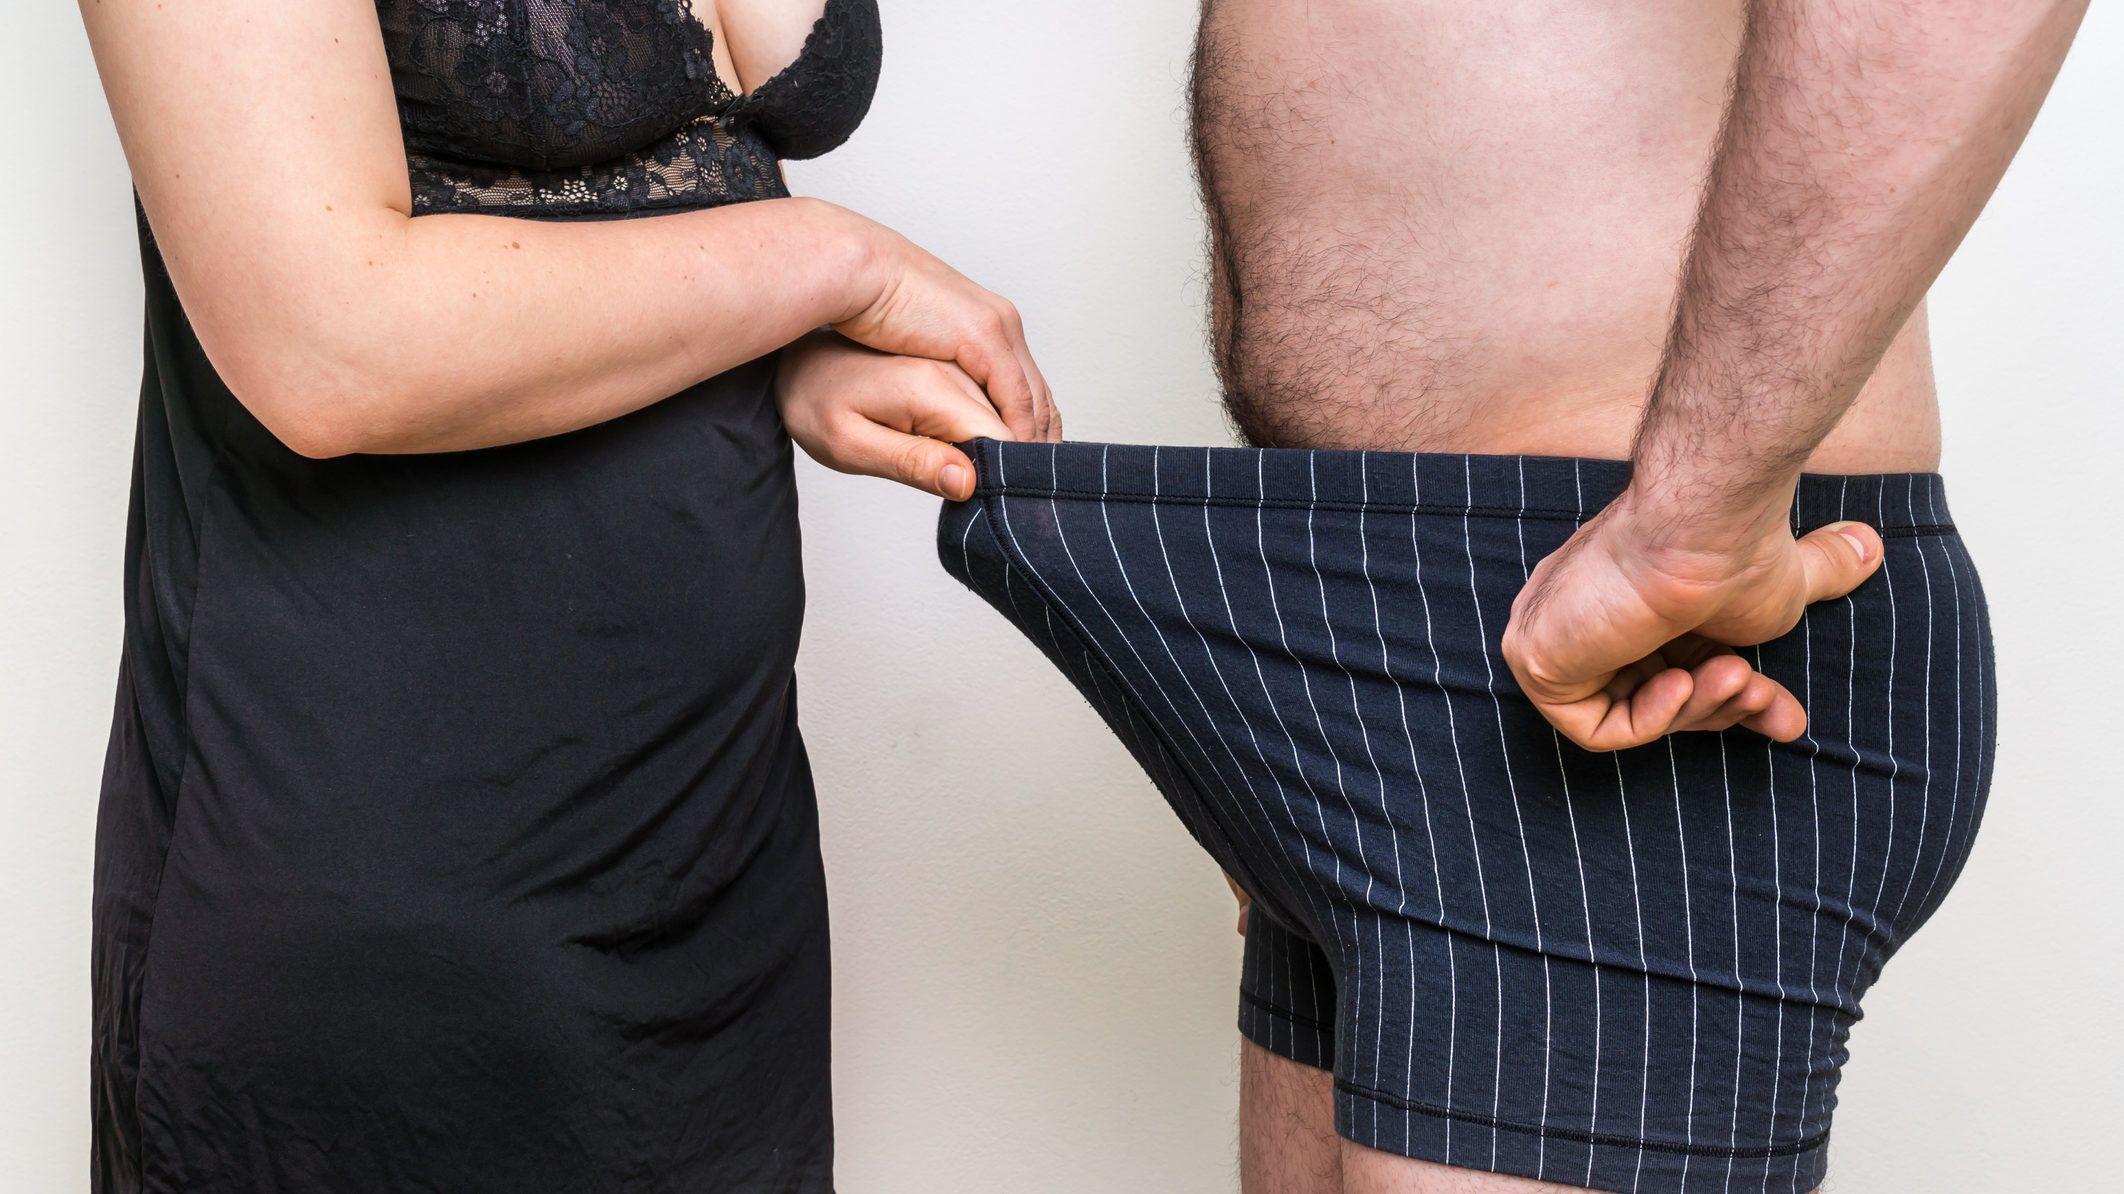 hogyan lehet gyógyítani a pénisz petyhüdtségét